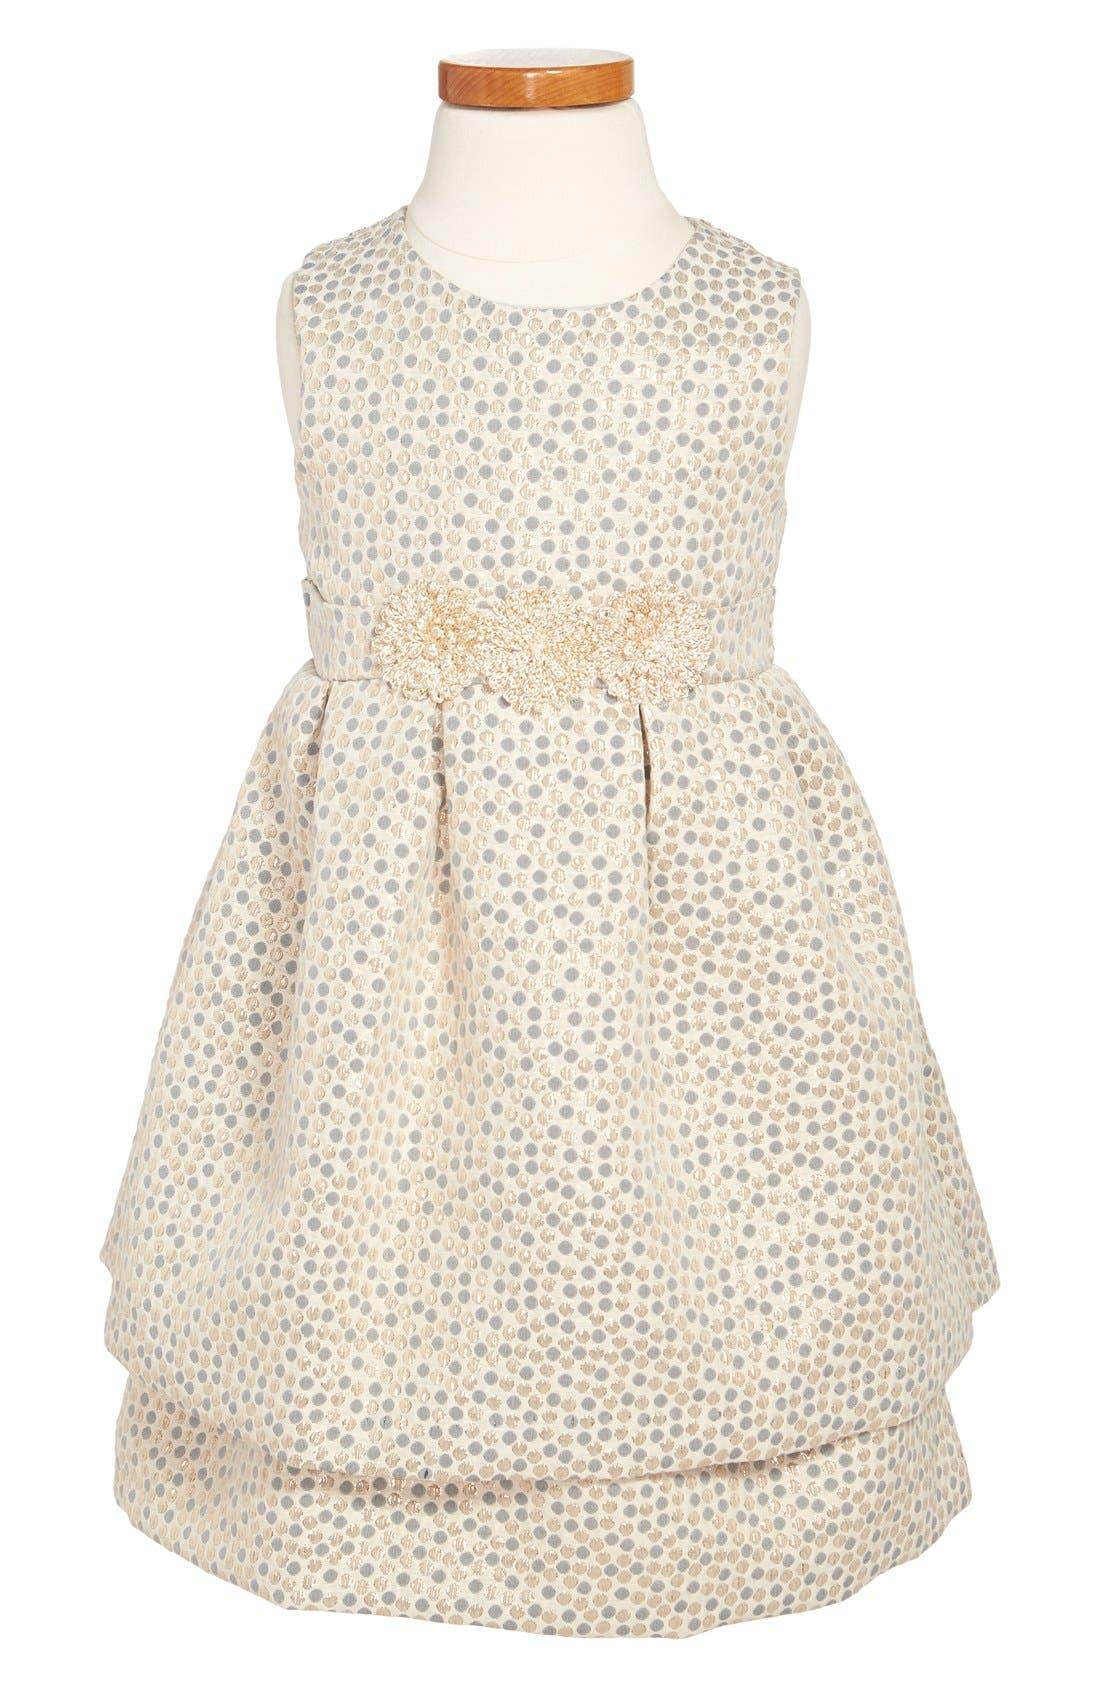 Main Image - Pippa & Julie Sleeveless Brocade Dress (Toddler Girls, Little Girls & Big Girls)